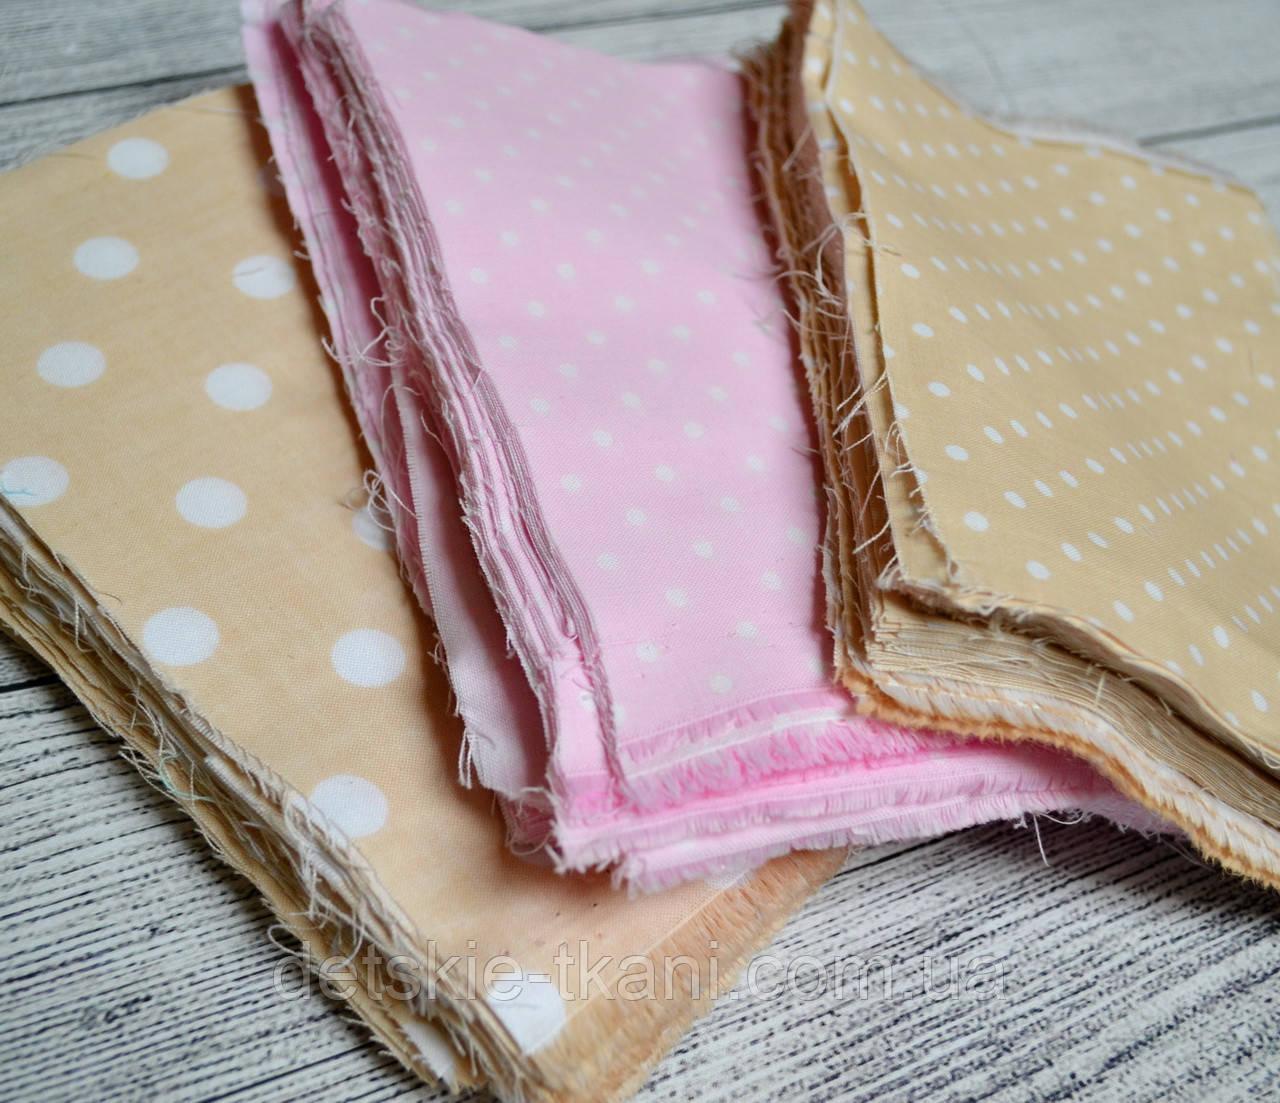 Набор лоскутов тканей для пэчворка розового и бежевого цвета, №49